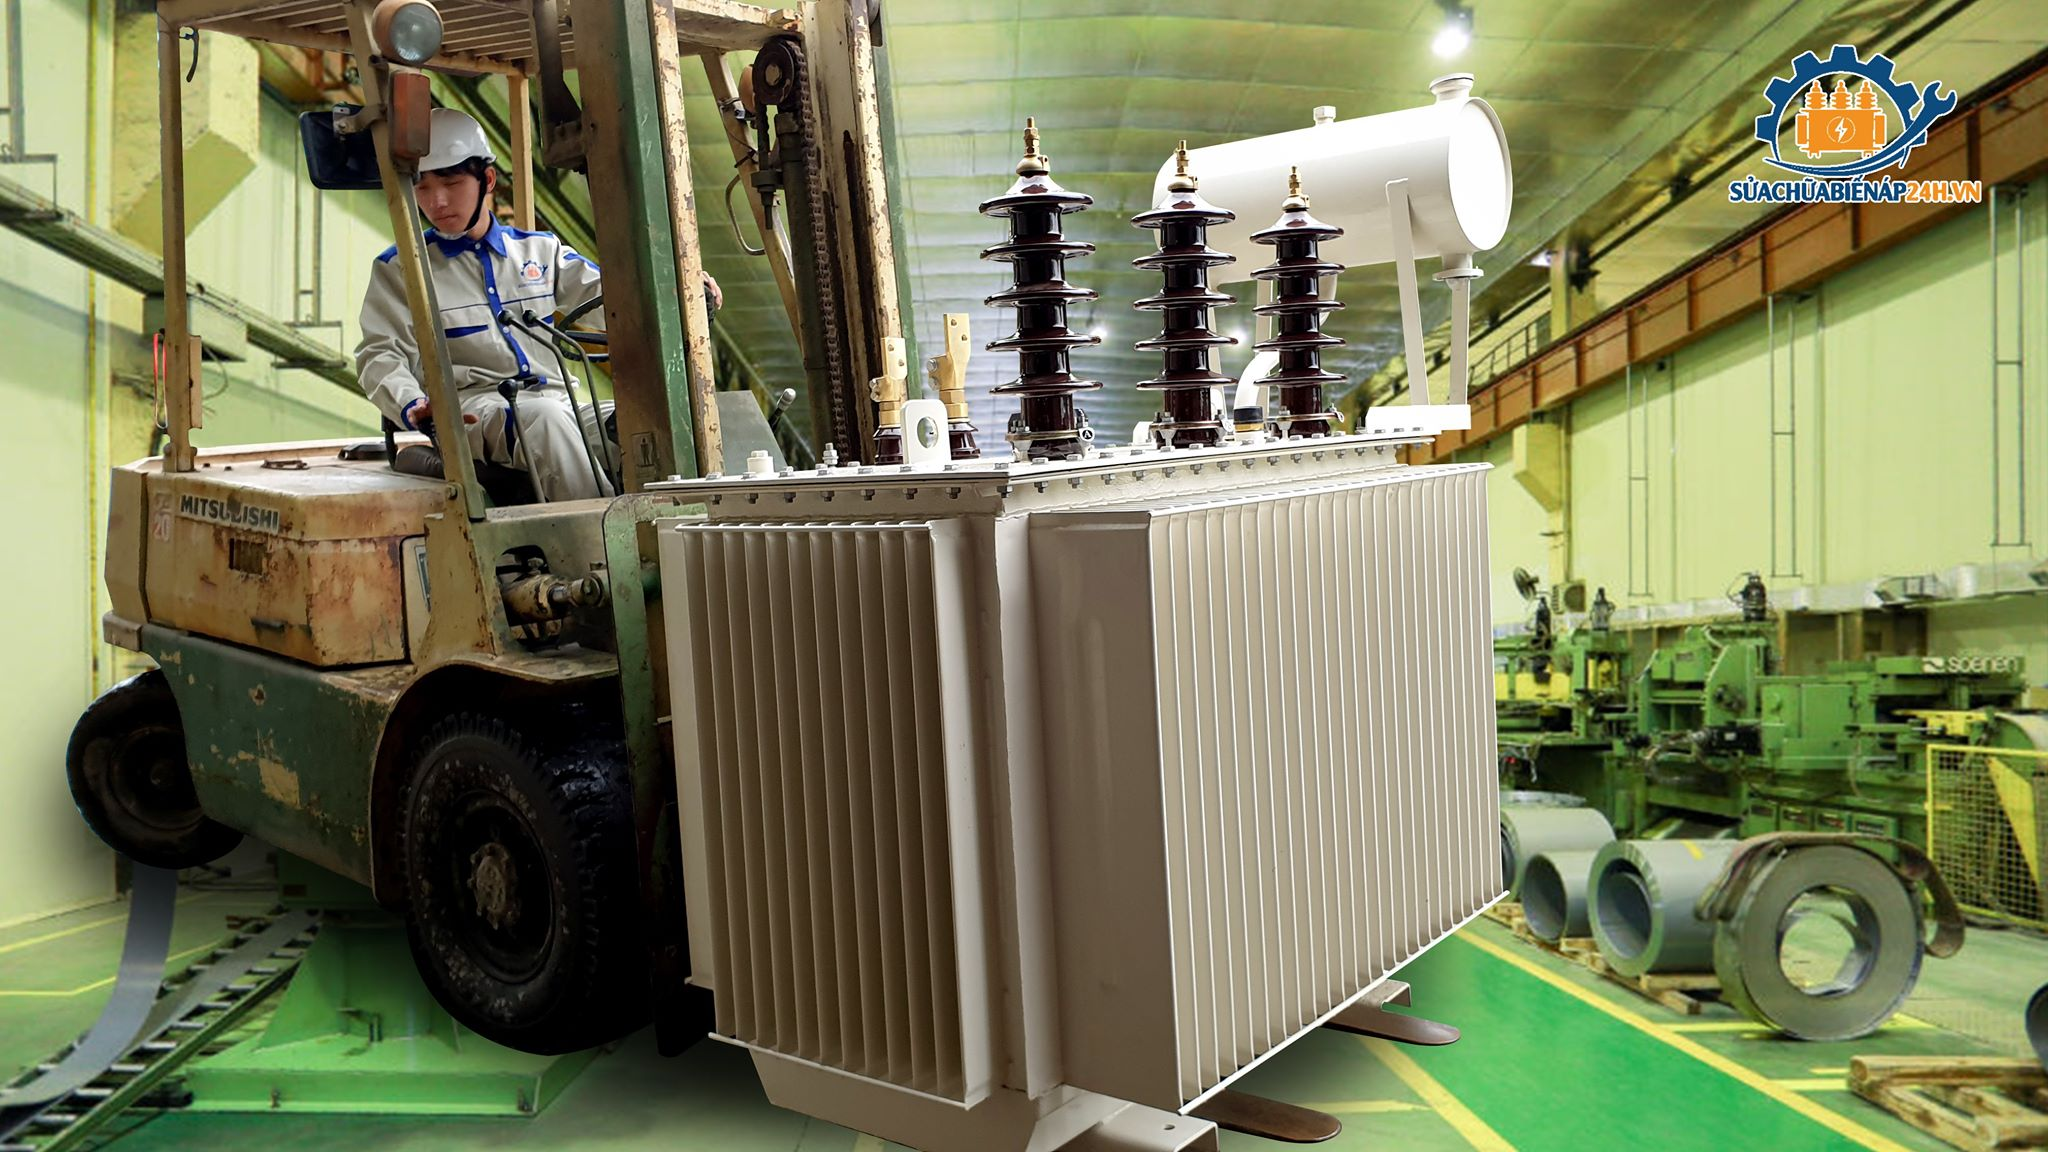 Địa chỉ cho thuê máy biến áp chất lượng và uy tín nhất miền Bắc